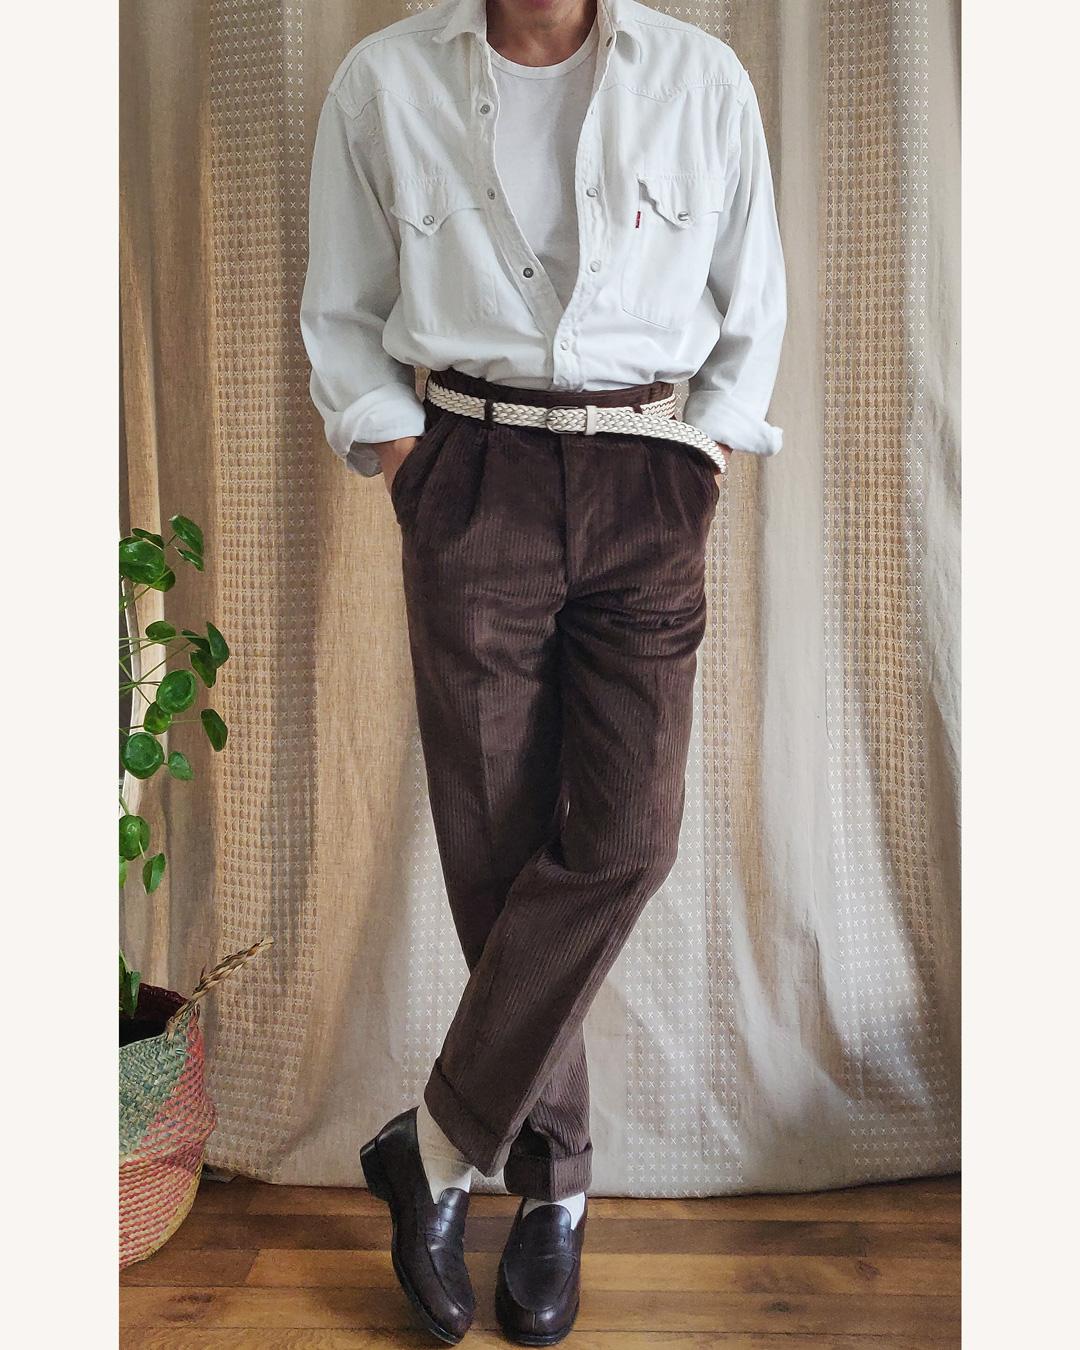 Élégance décontractée avec une chemise denim blanche et pantalon velours marron